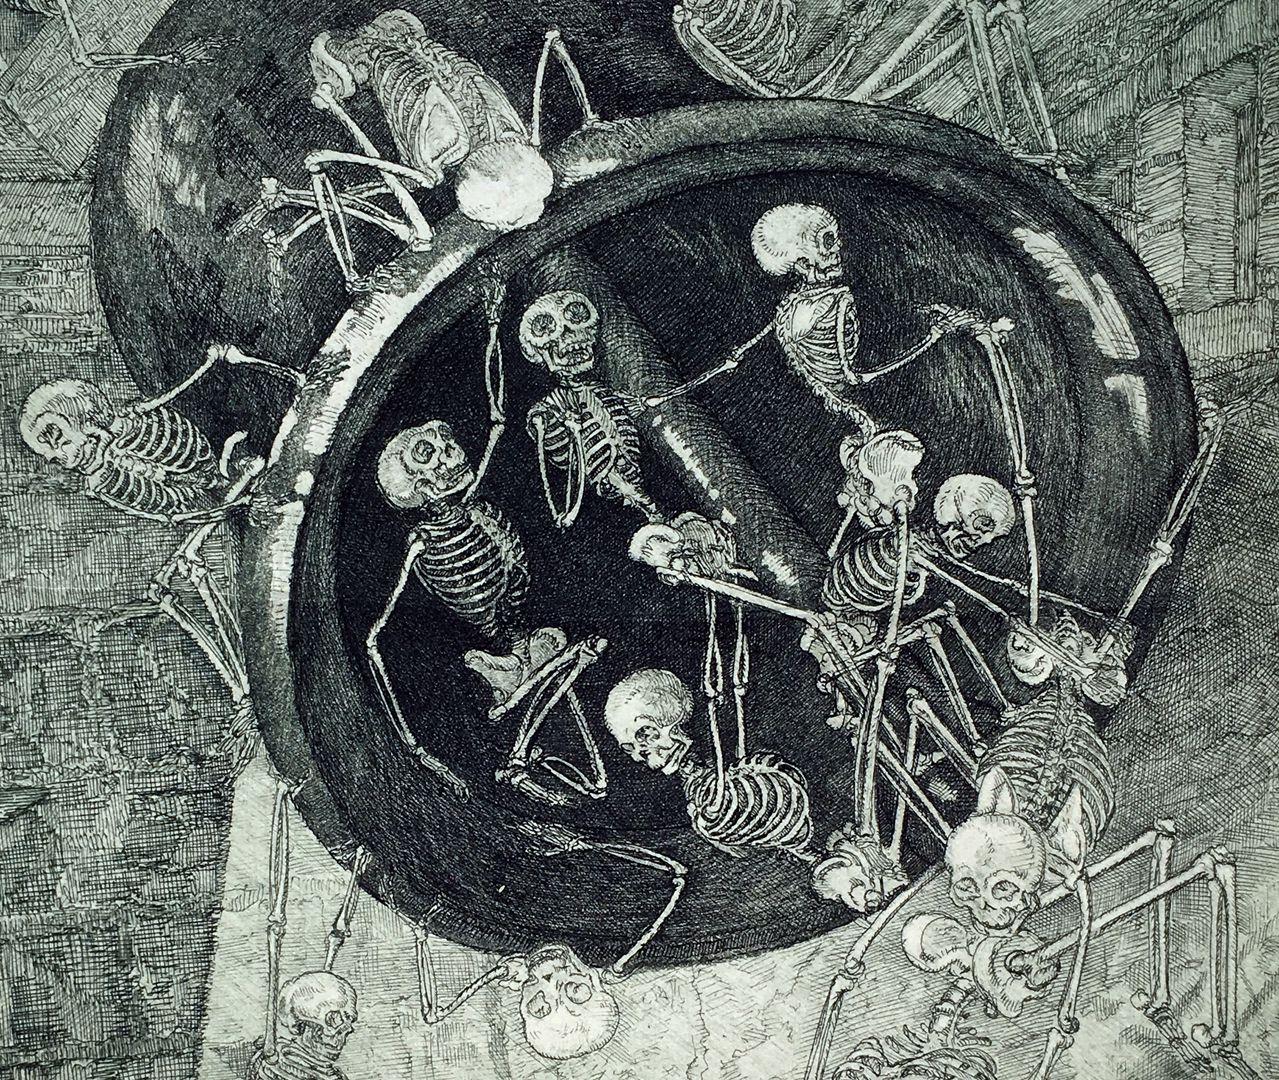 Friedensglocken Glocke mit Skeletten